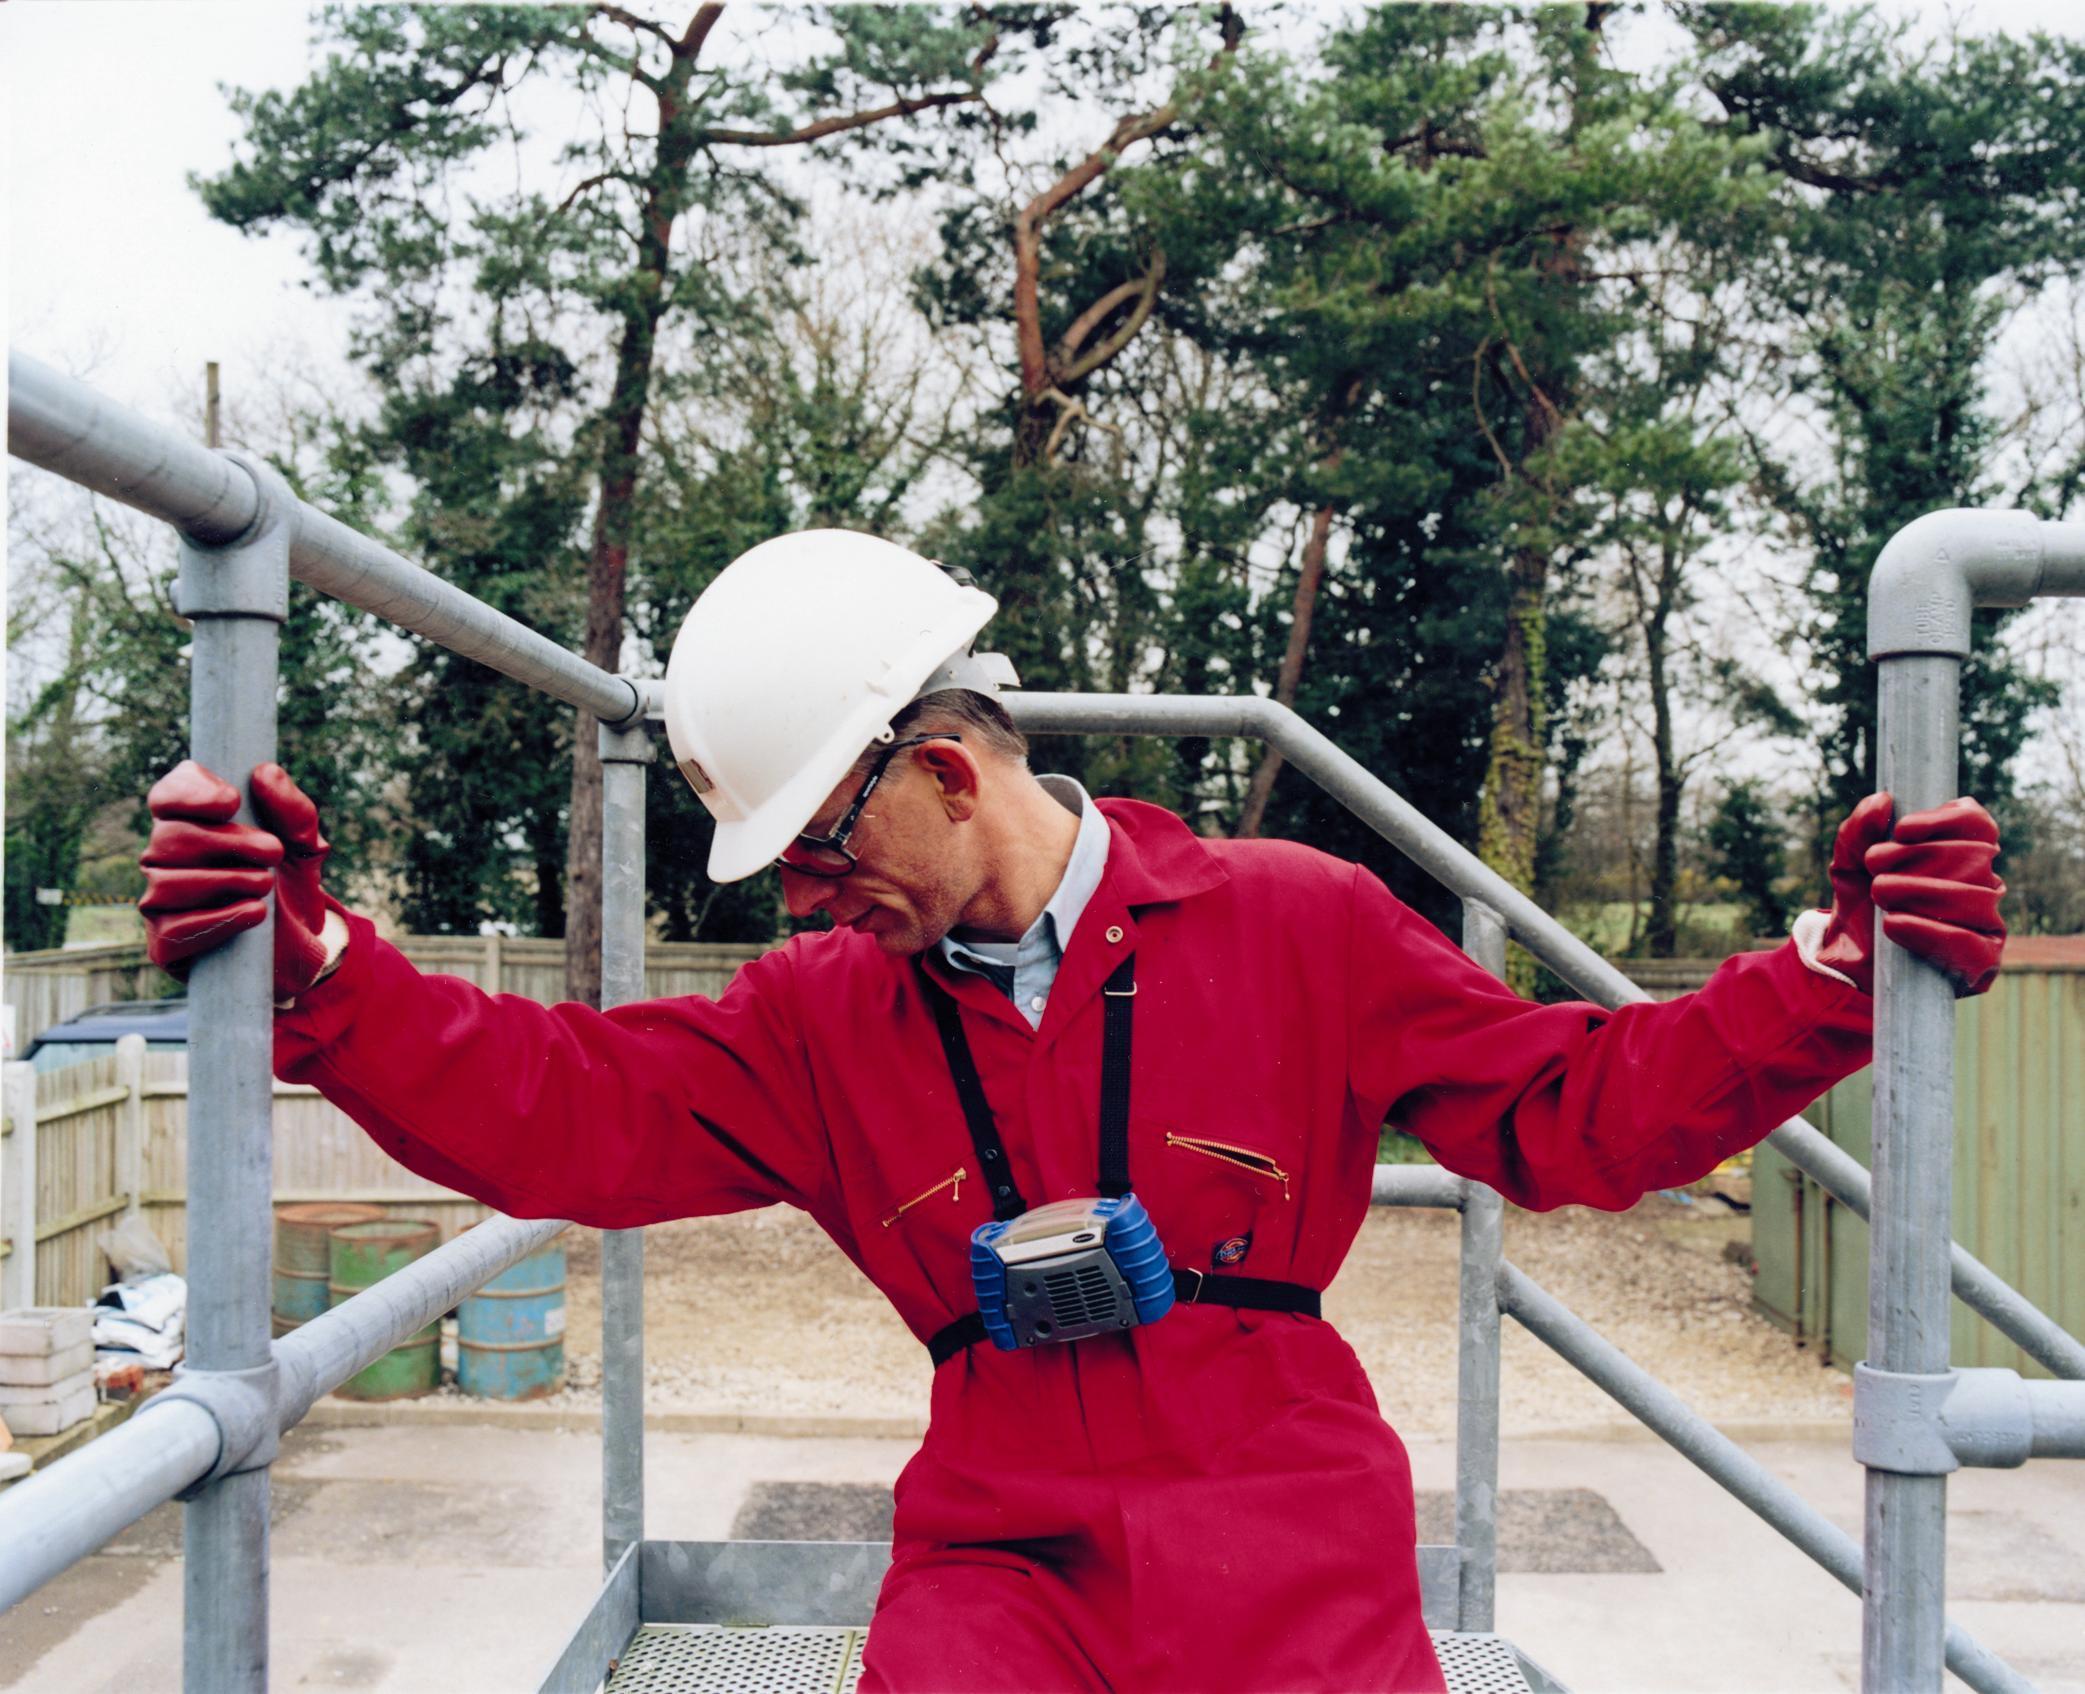 Détecteur monogaz MSA Altair PRO SO2 - Les détecteurs de gaz sont des appareils qui, au même titre que les transmetteurs de gaz, transforment le signal issu du capteur de gaz en un signal non pas standard, mais cette fois-ci en un signal de type TOR (Tout ou Rien) ou binaire. Ces détecteurs de gaz sont généralement utilisés dans le contrôle et le suivi des taux de gaz.